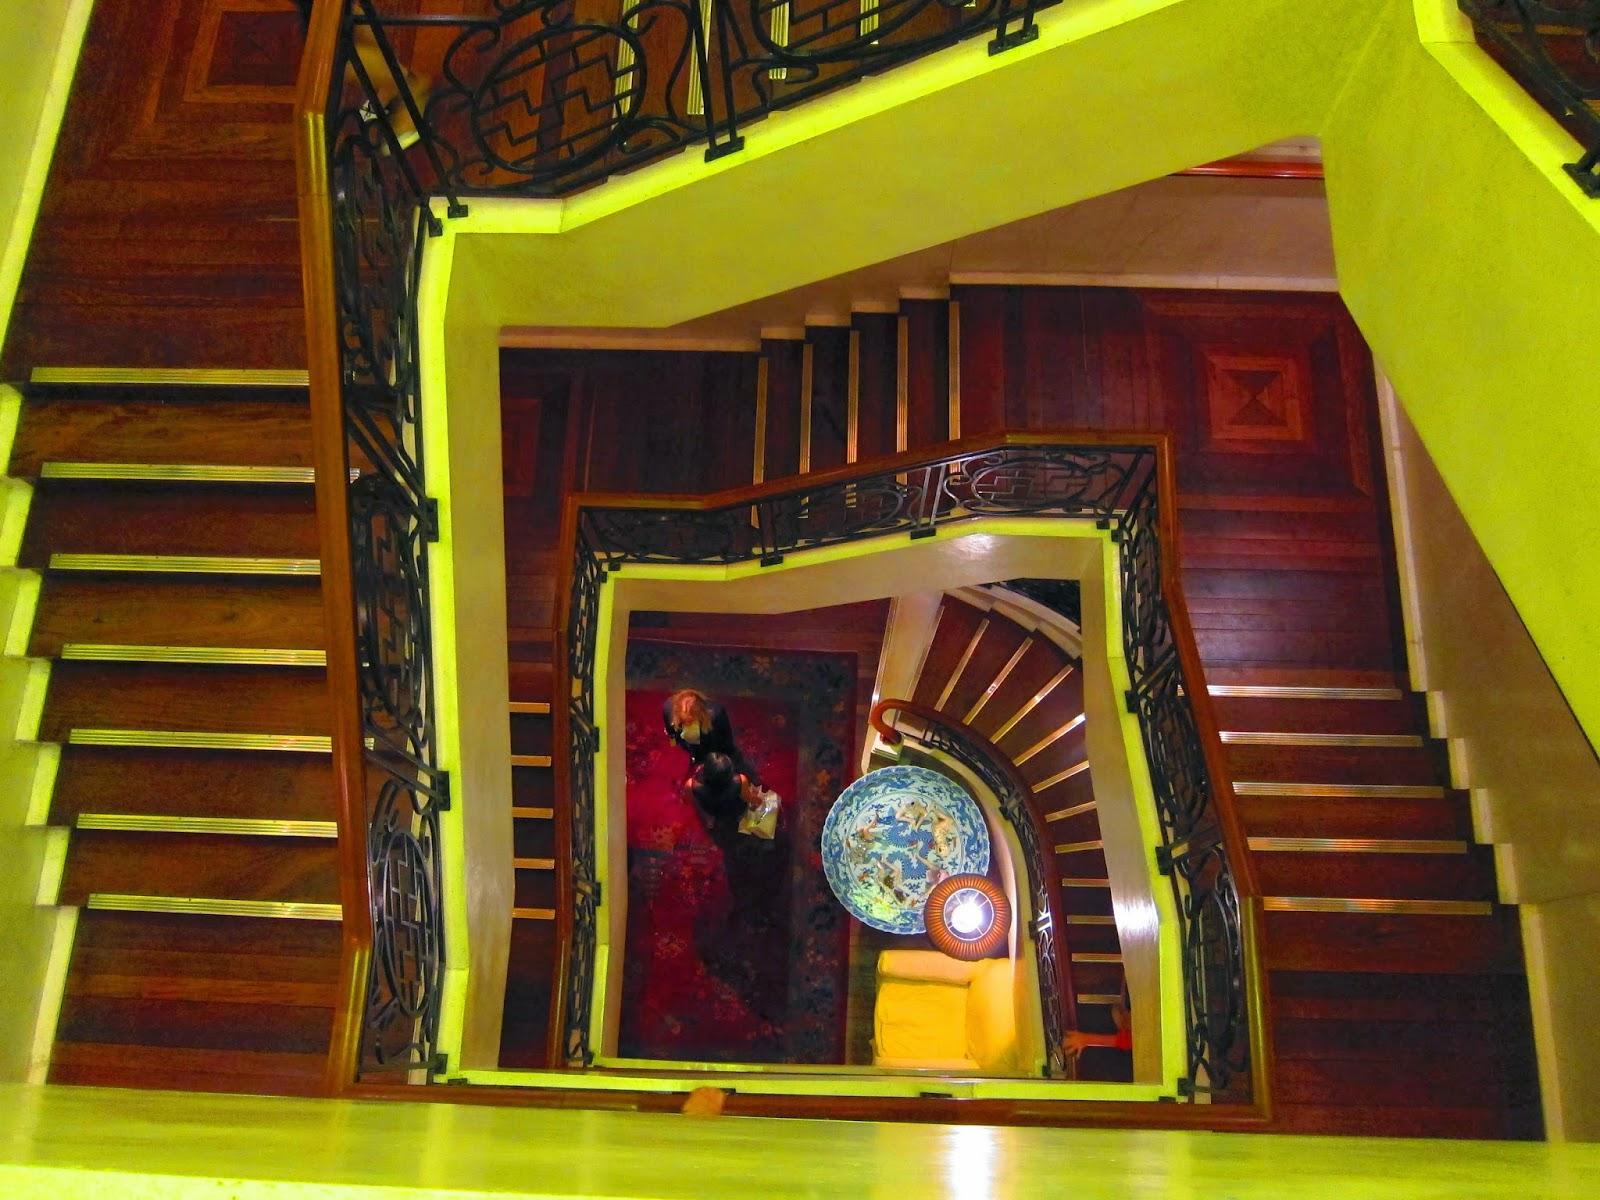 China Club staircase Hong Kong